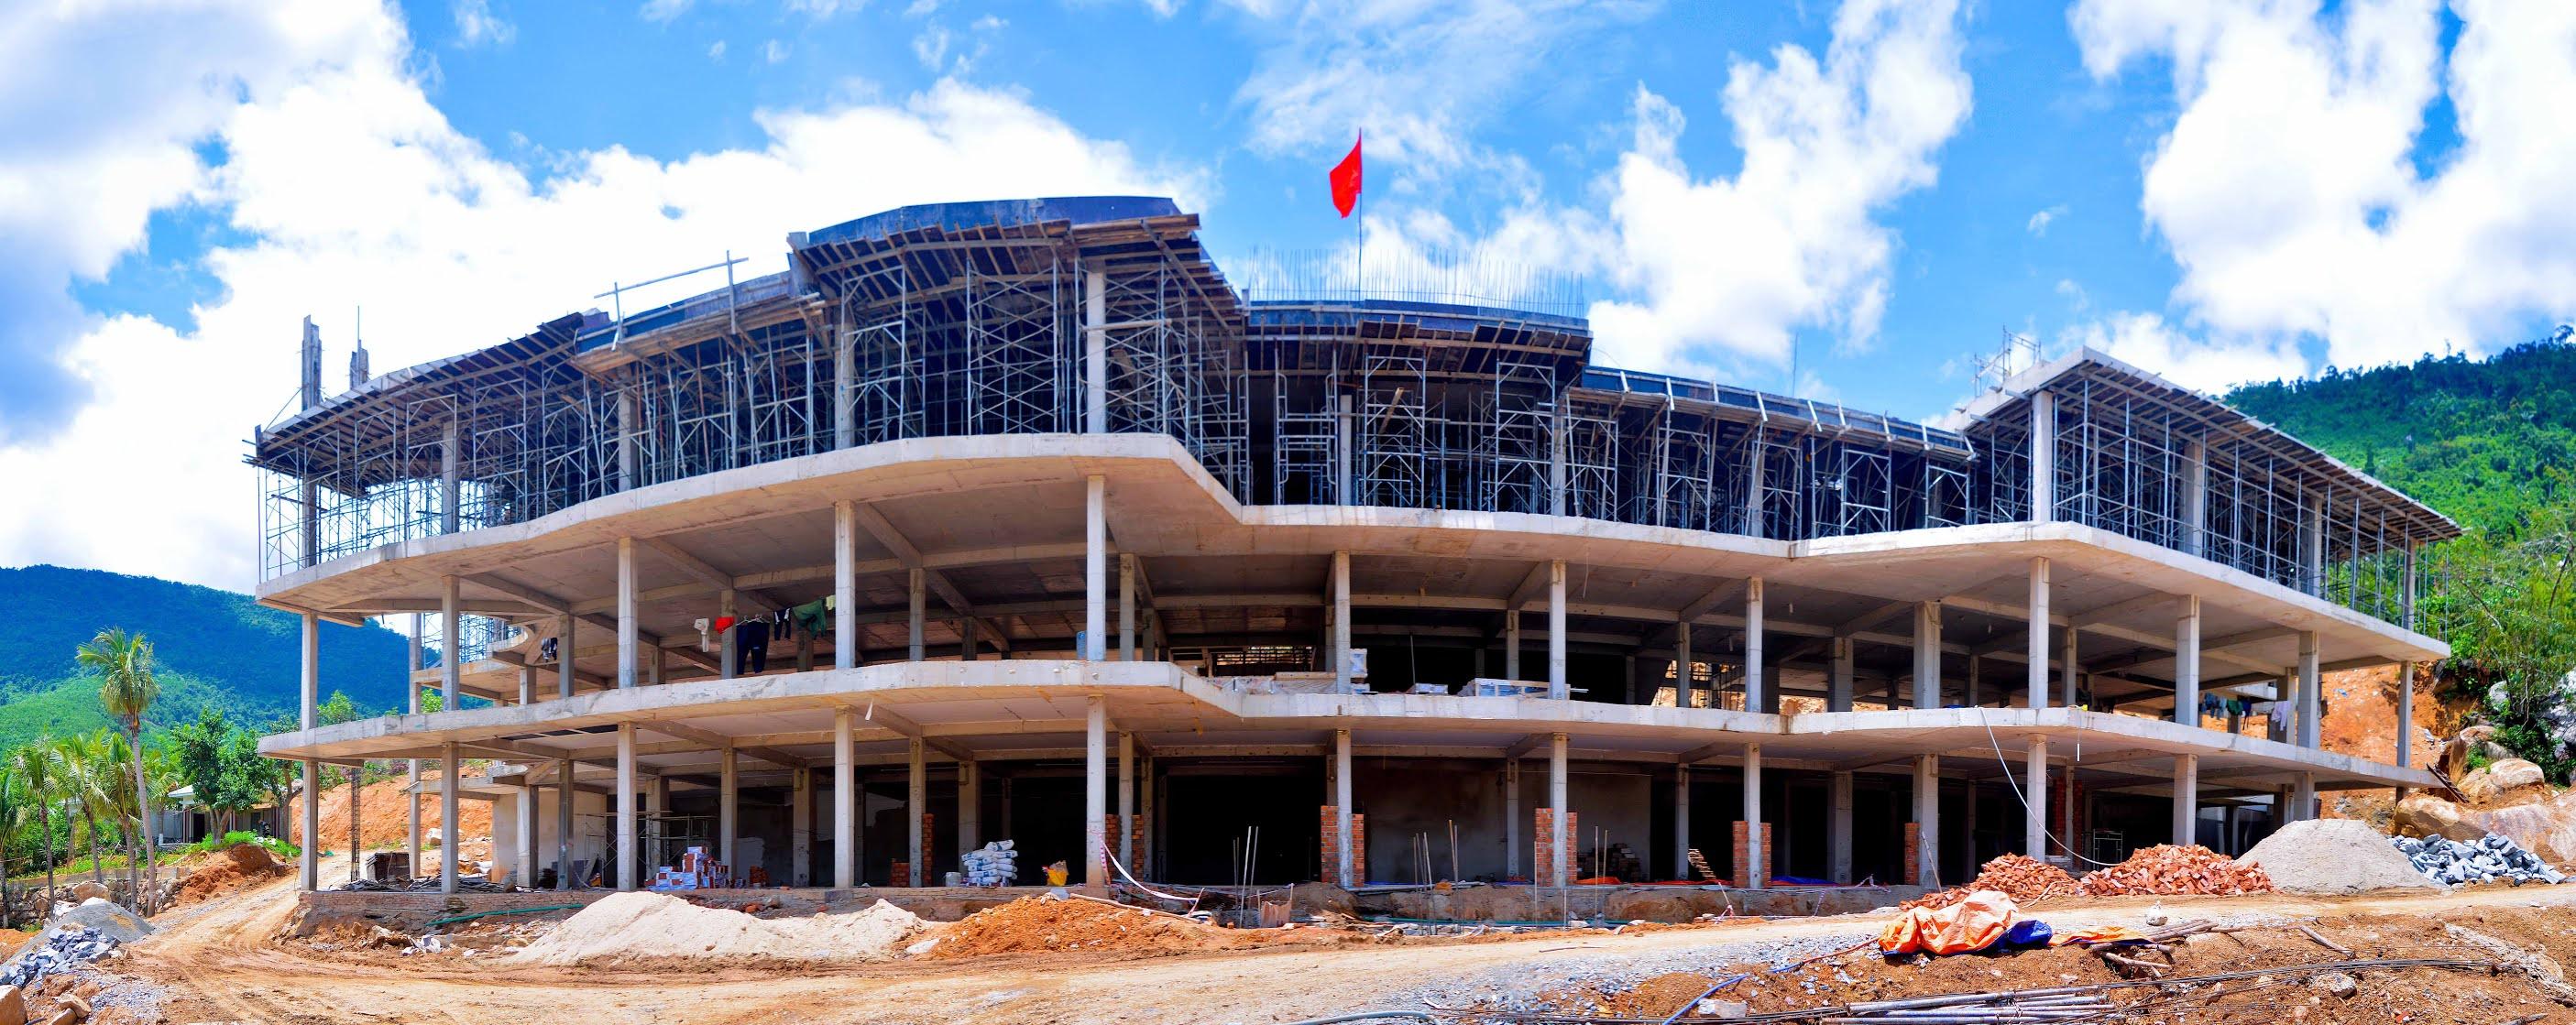 Khoi Studio: Chụp ảnh xây dựng, dự án bất động sản tại Đà Nẵng, Quảng Nam